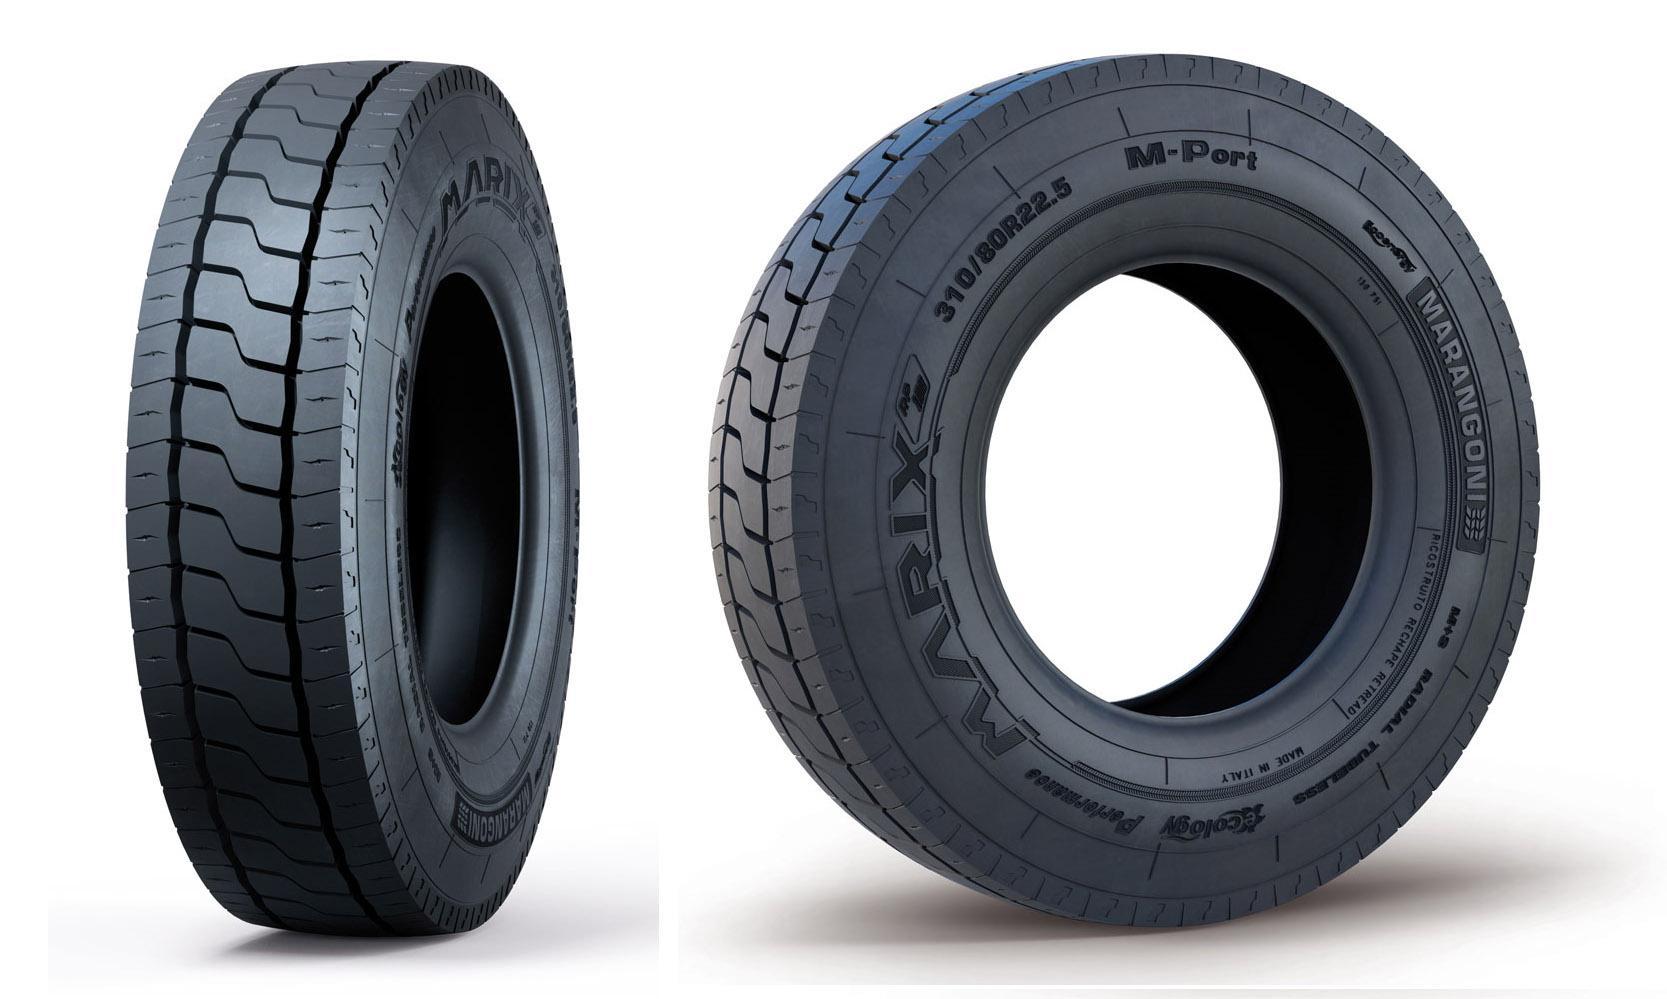 Новые грузовые шины Marix M-Port - гарантированная эффективность и надежность от Marangoni